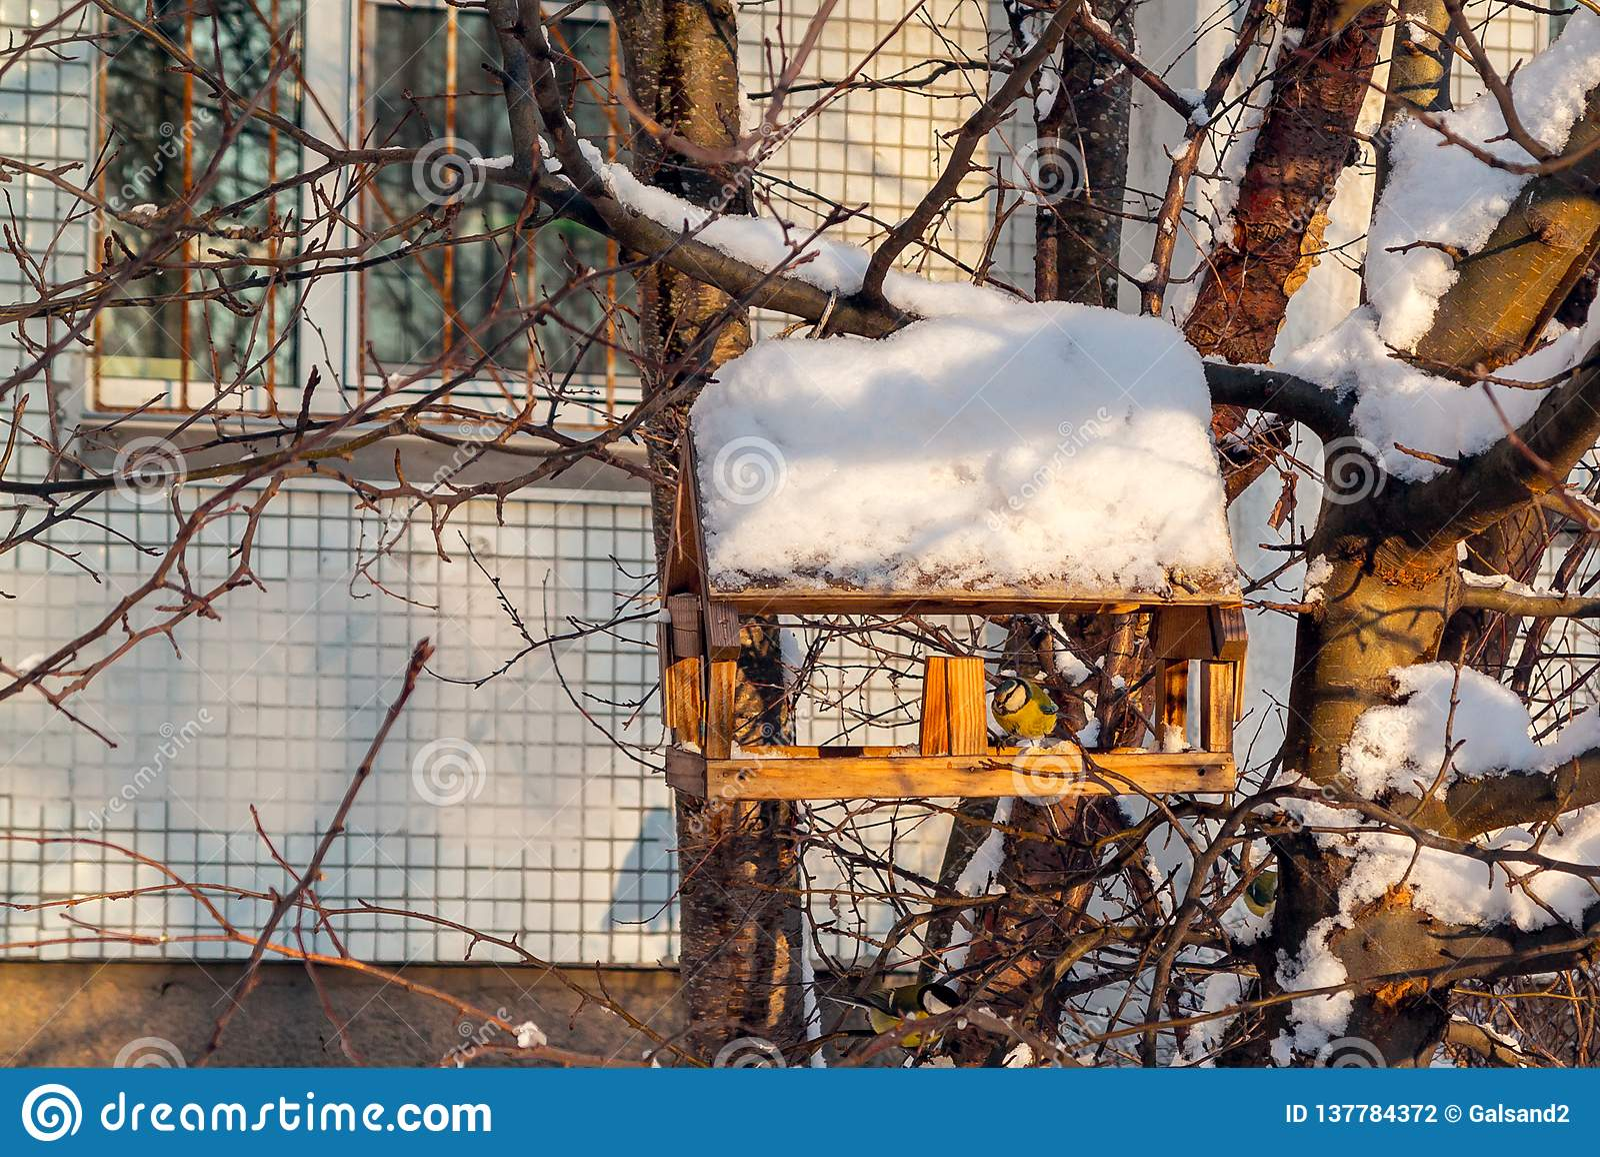 Zufuhr für Vögel in der Winterstadt, Meise isst Nahrung